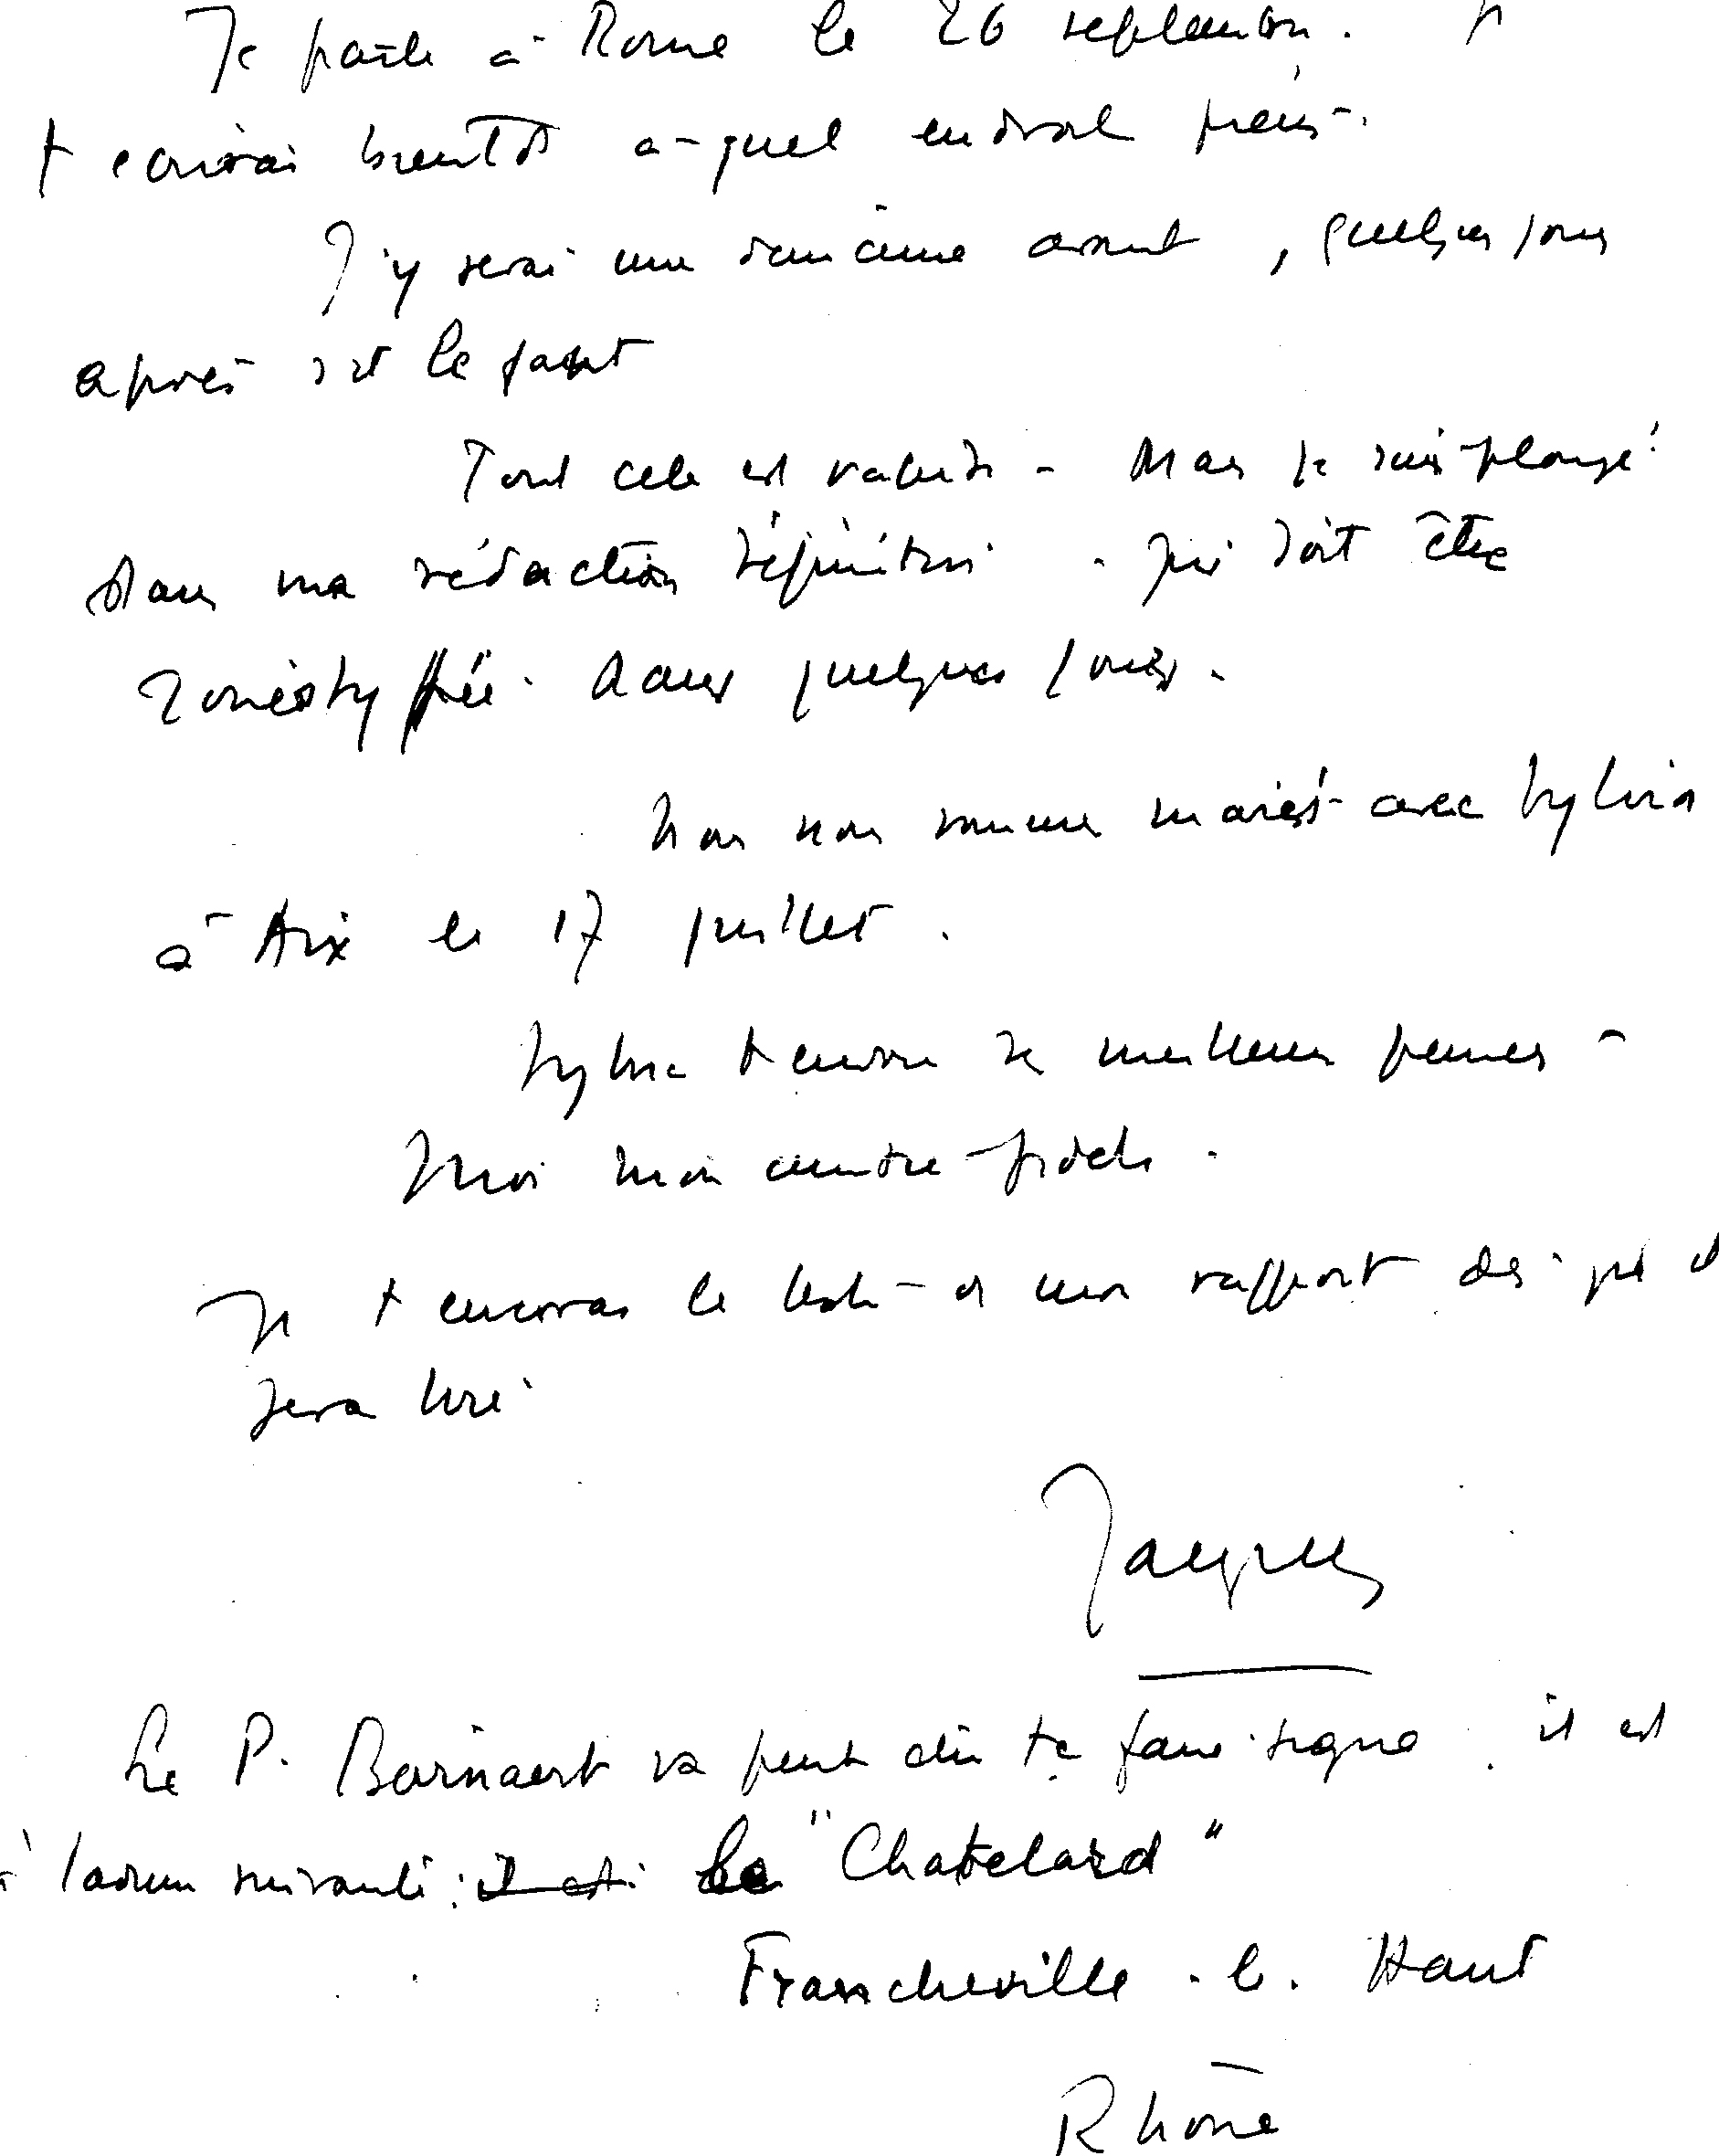 Lettres de Jacques à Marc Lacan